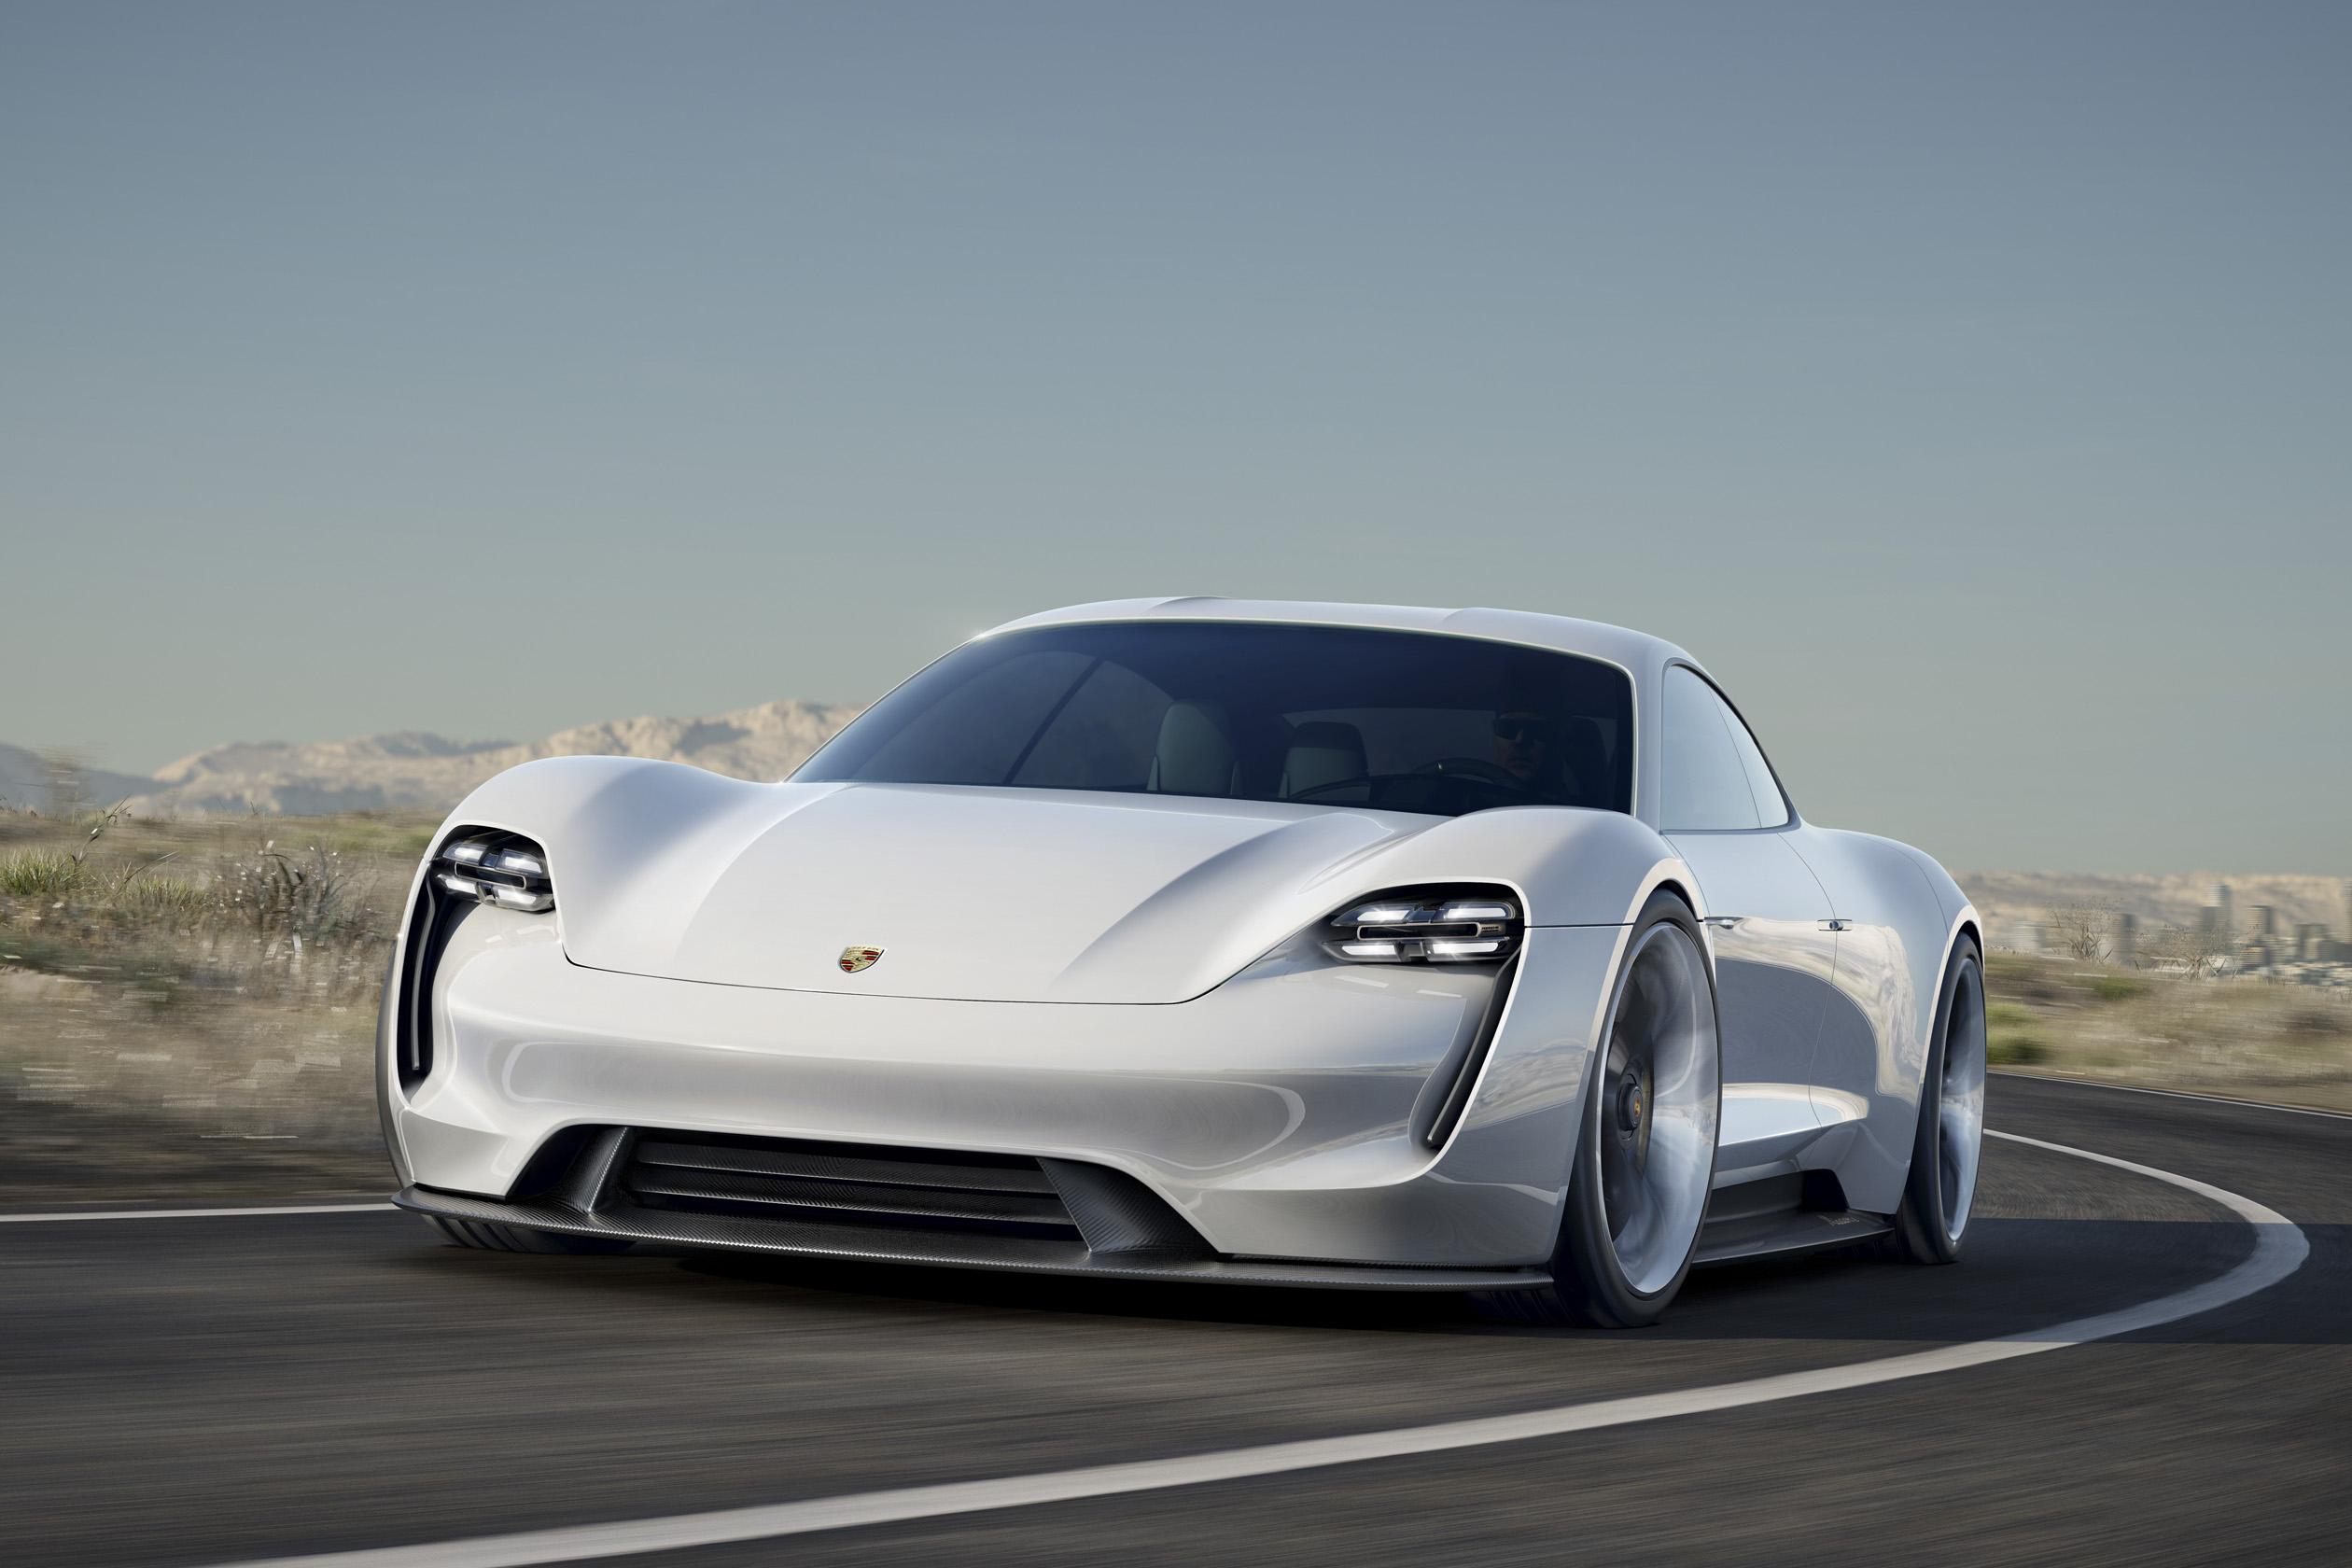 本届法兰克福国际车展见证了保时捷品牌历史上首款全电动四座概念跑车——Mission E。这一概念车型将保时捷令人心动的独特设计与出色性能融为一体,引人瞩目的首款800 V驱动系统具有超前实用性,四门设计搭配四个独立座椅,系统功率超过600 hp(440 kW),续航里程超过5&#48